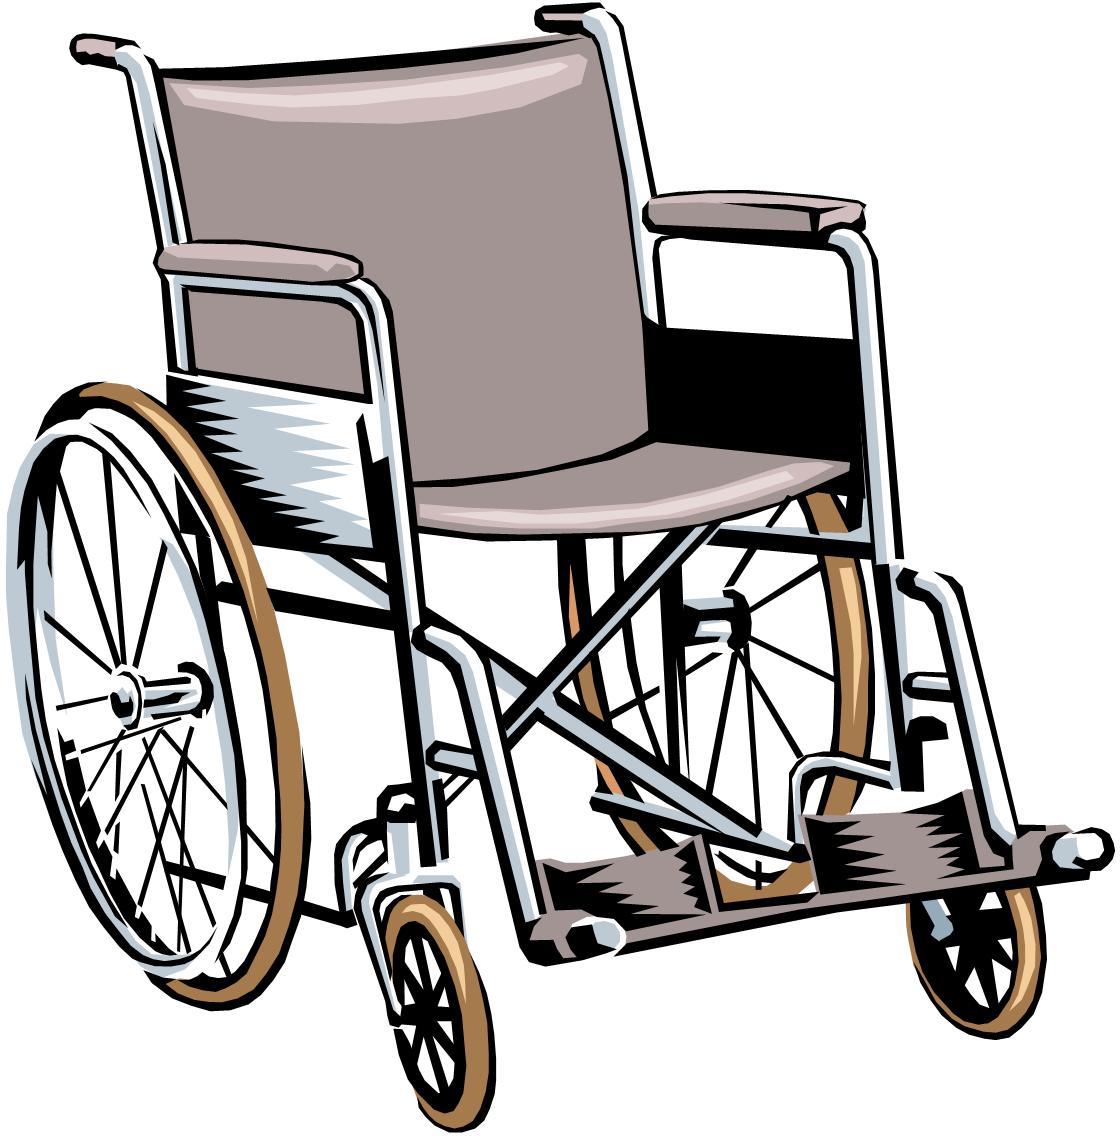 http://lillieammann.com/wp-content/uploads/2008/10/wheelchair.jpg